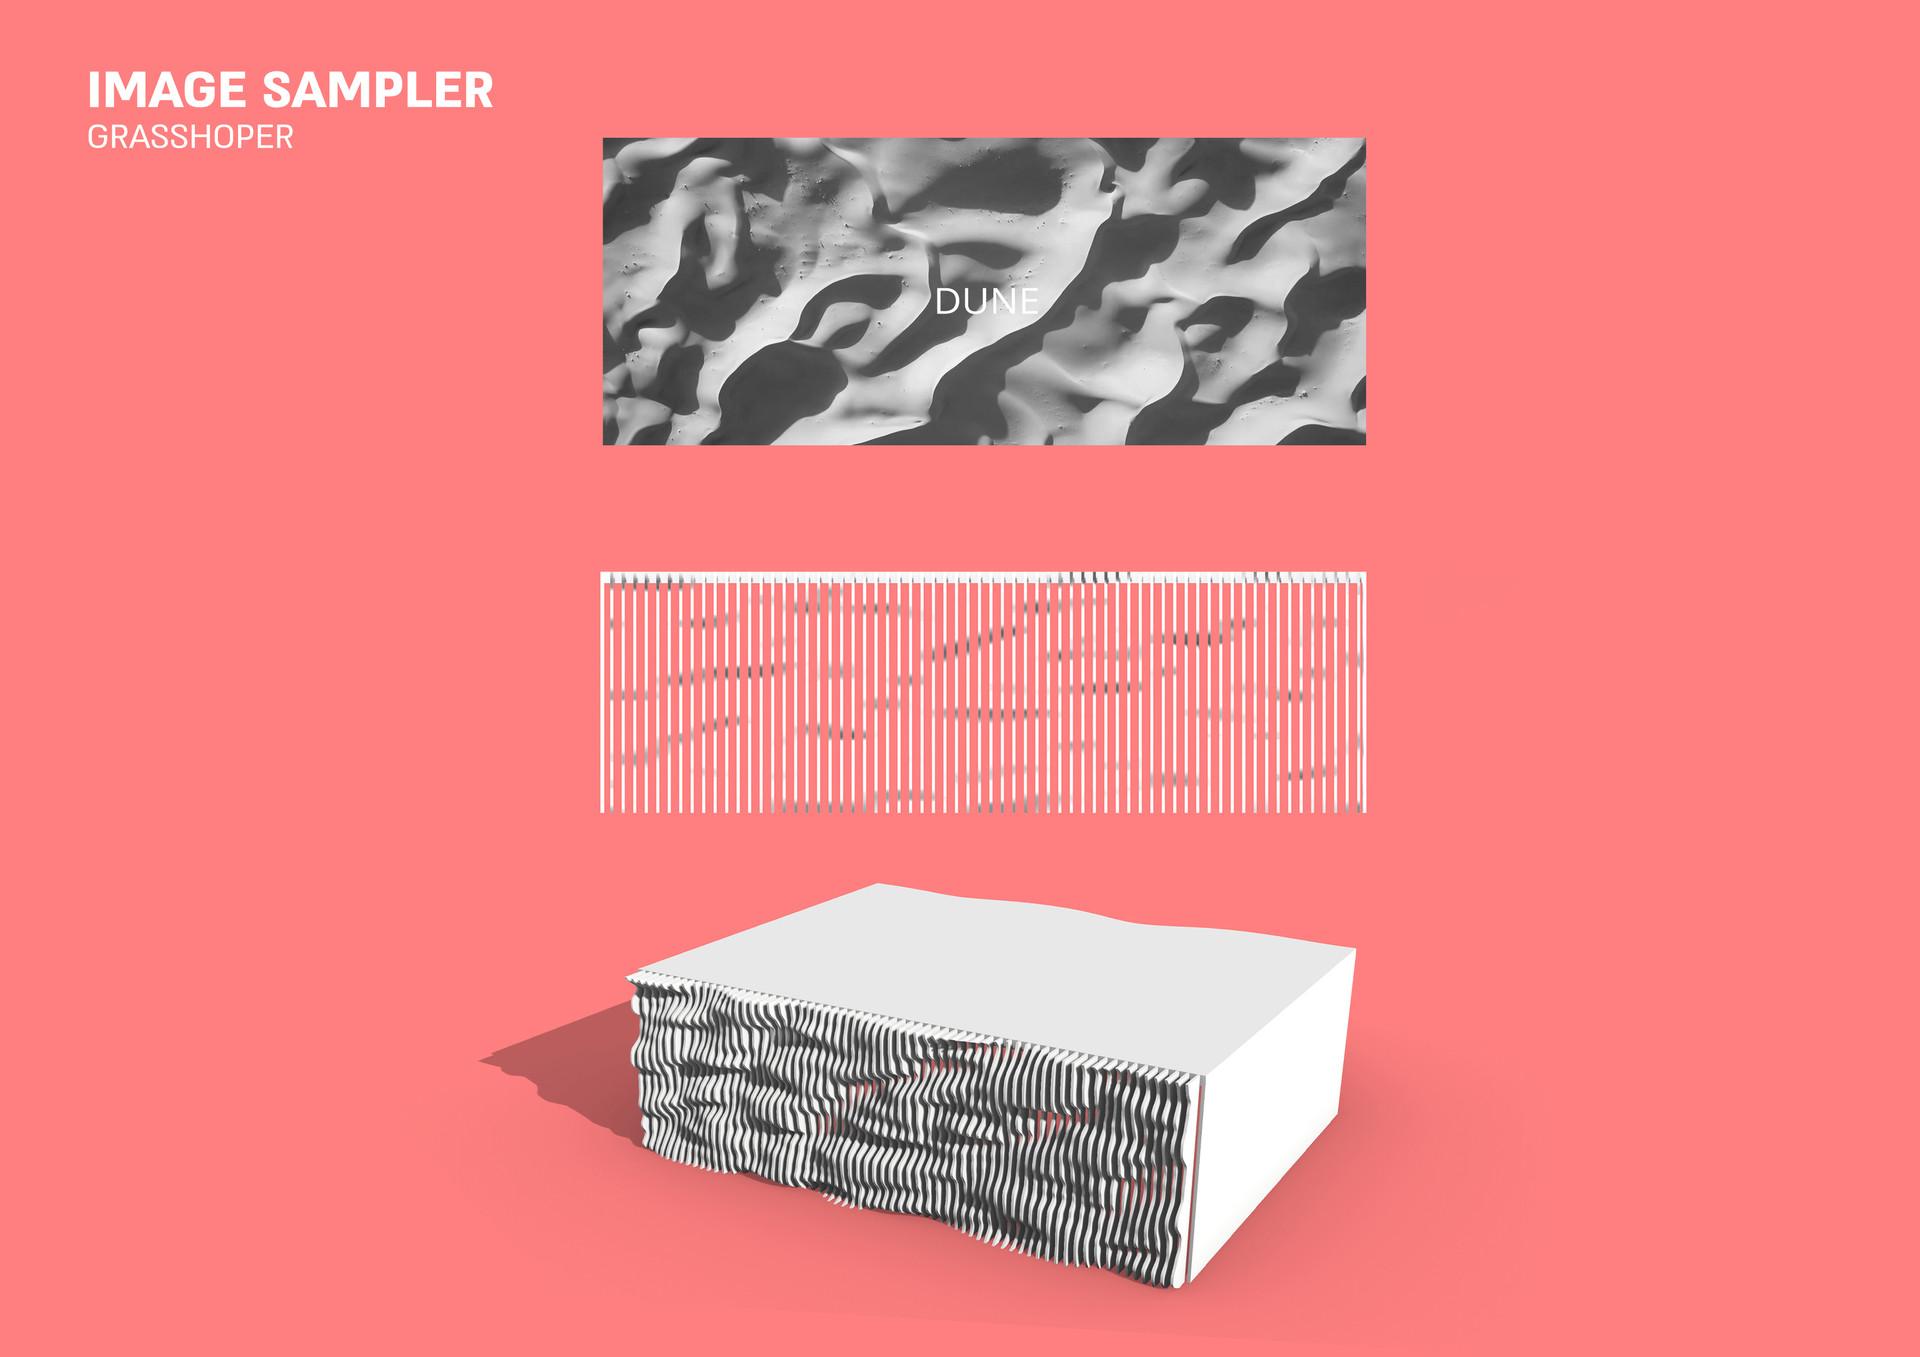 Image Sampler